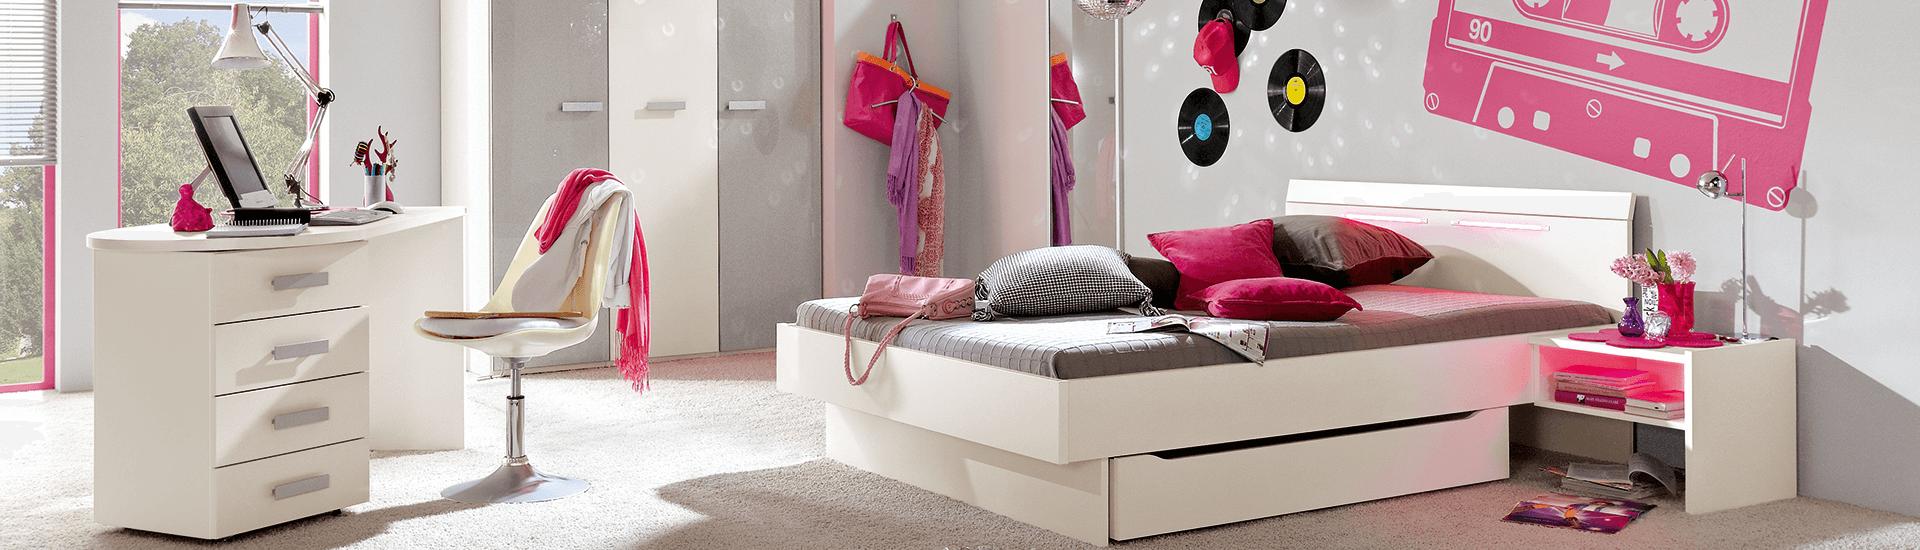 moebel boeck kempten kinderzimmer header. Black Bedroom Furniture Sets. Home Design Ideas